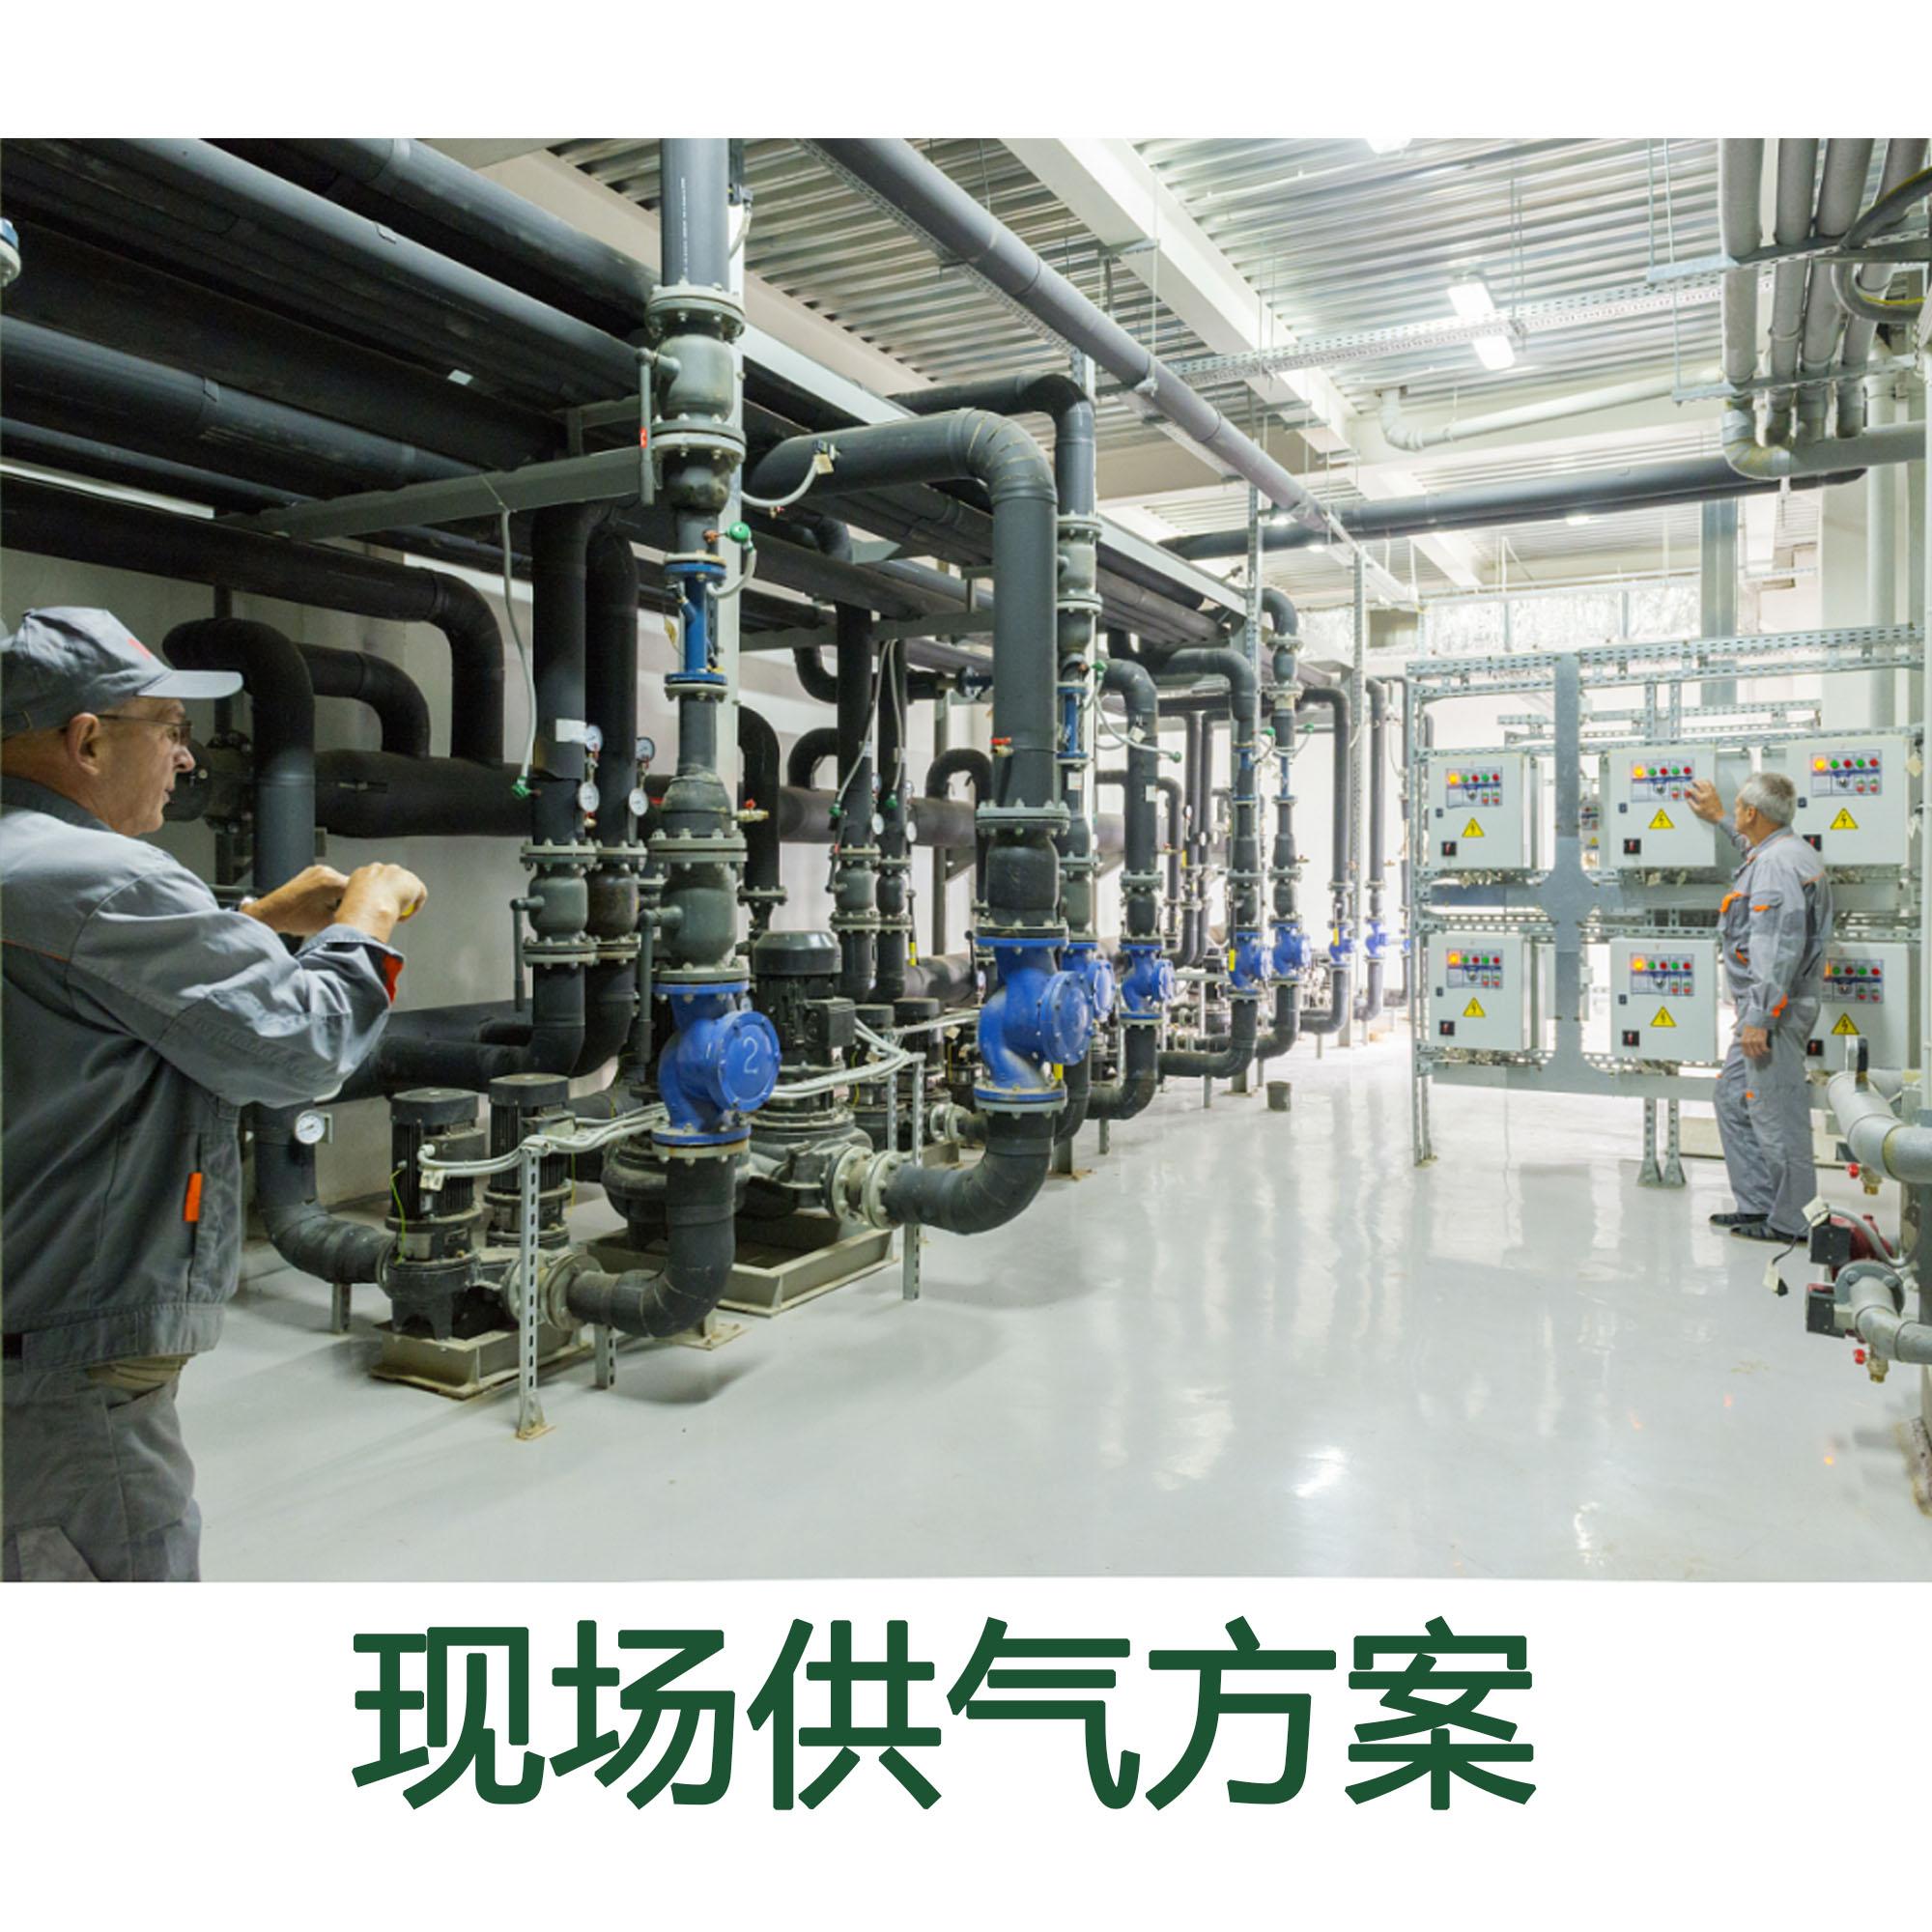 現場供氣方案設計與建設